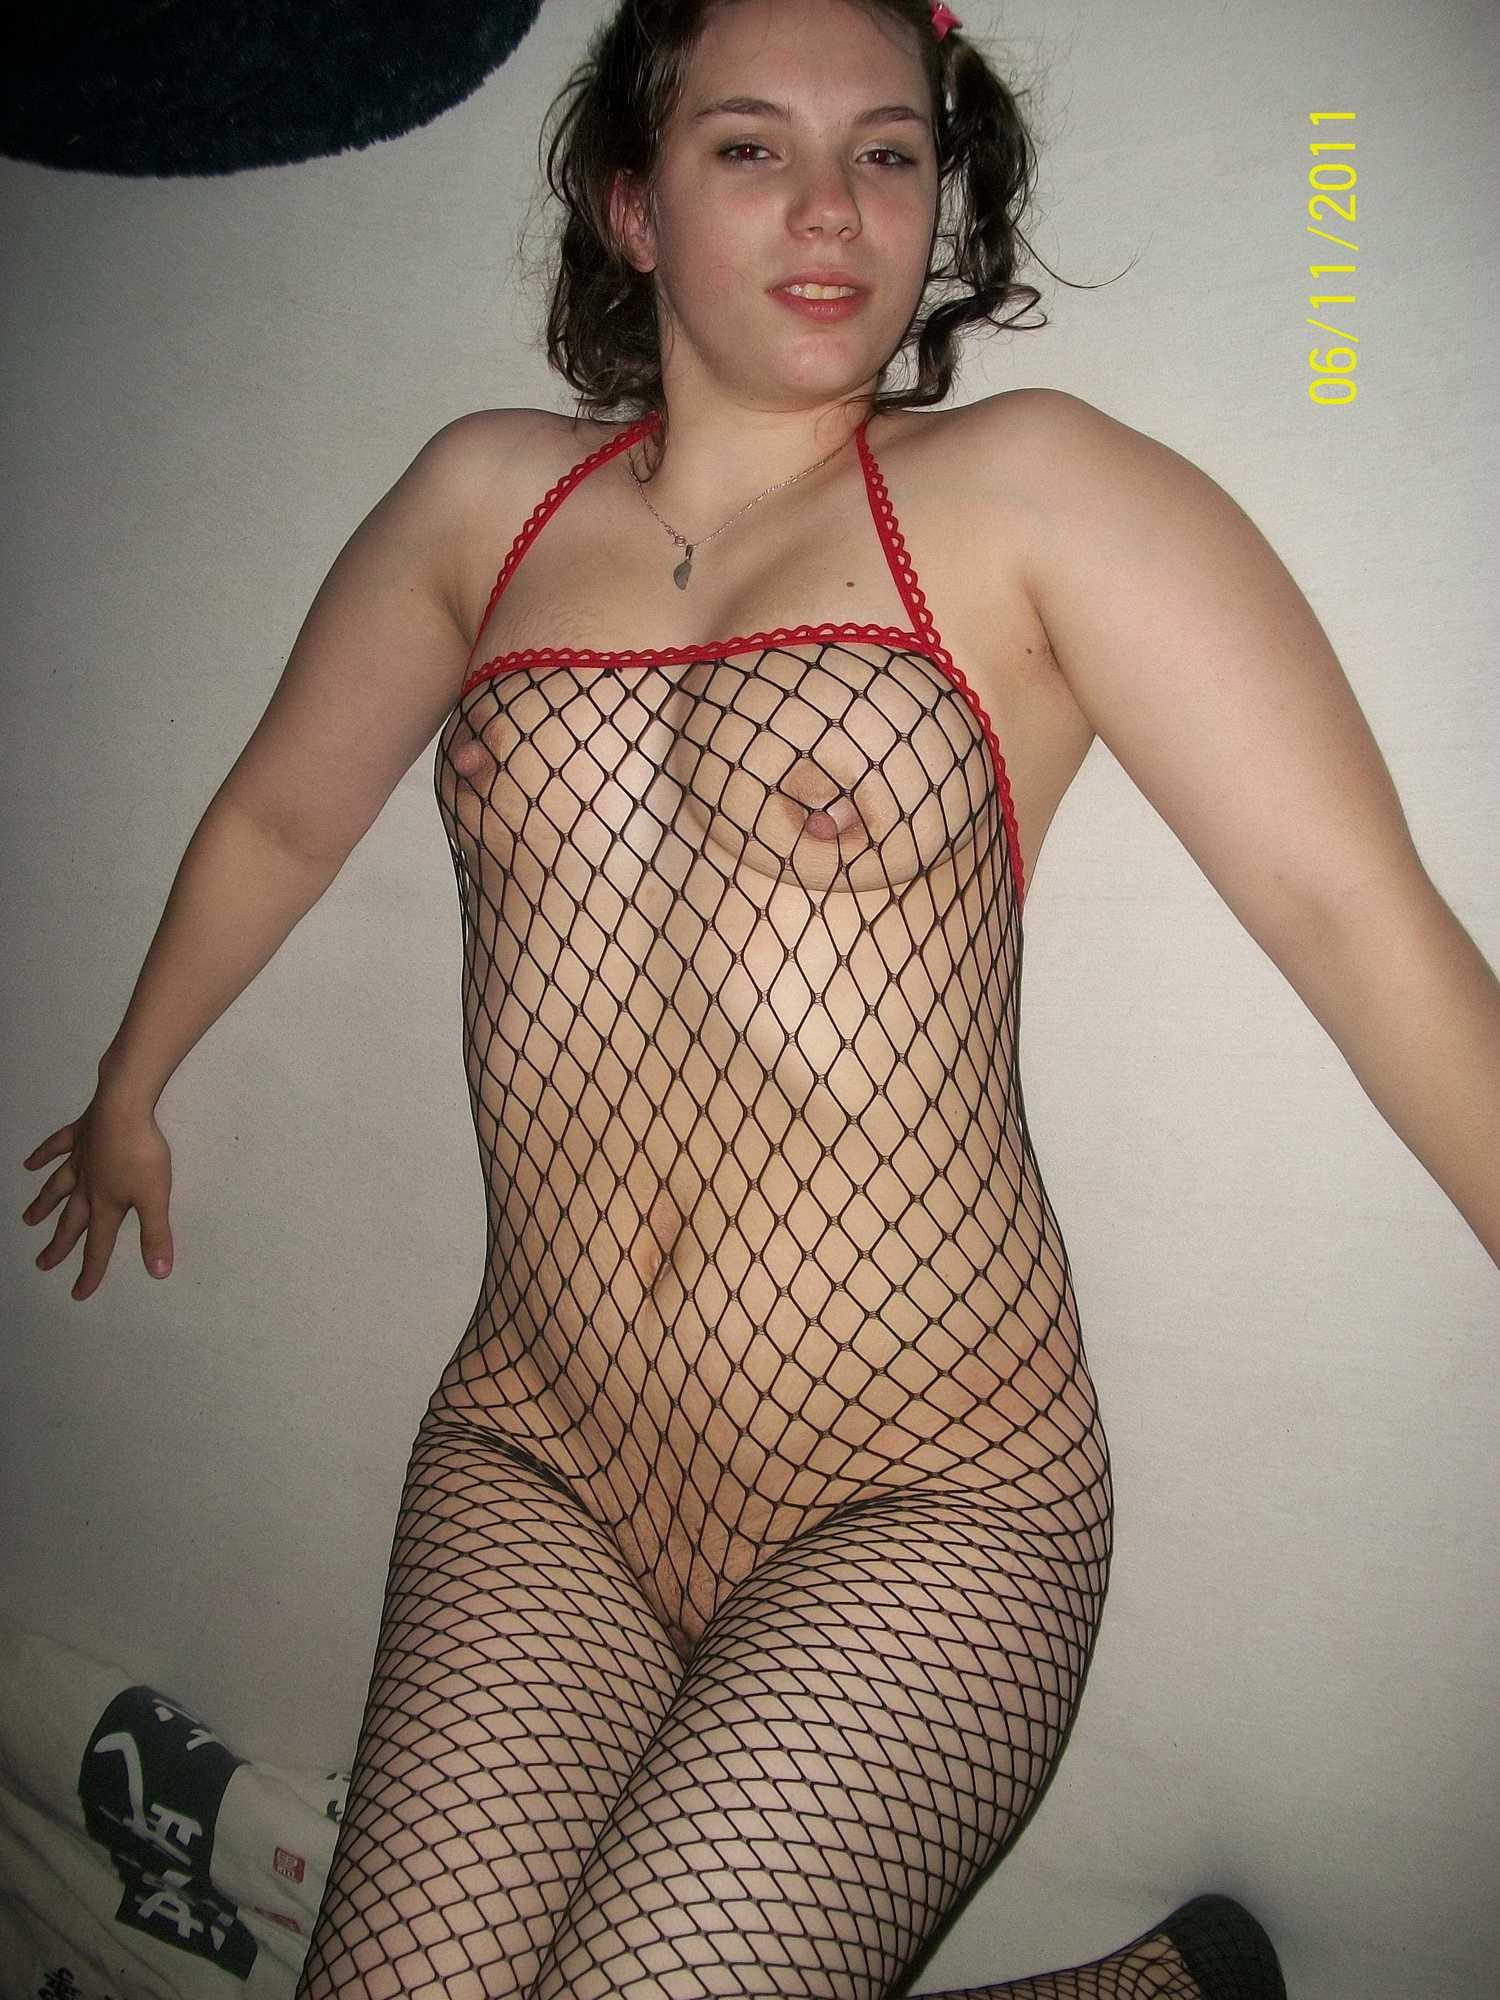 Беременная юная чика в комнате светит титьками в сетчатом бодистокинге секс фото